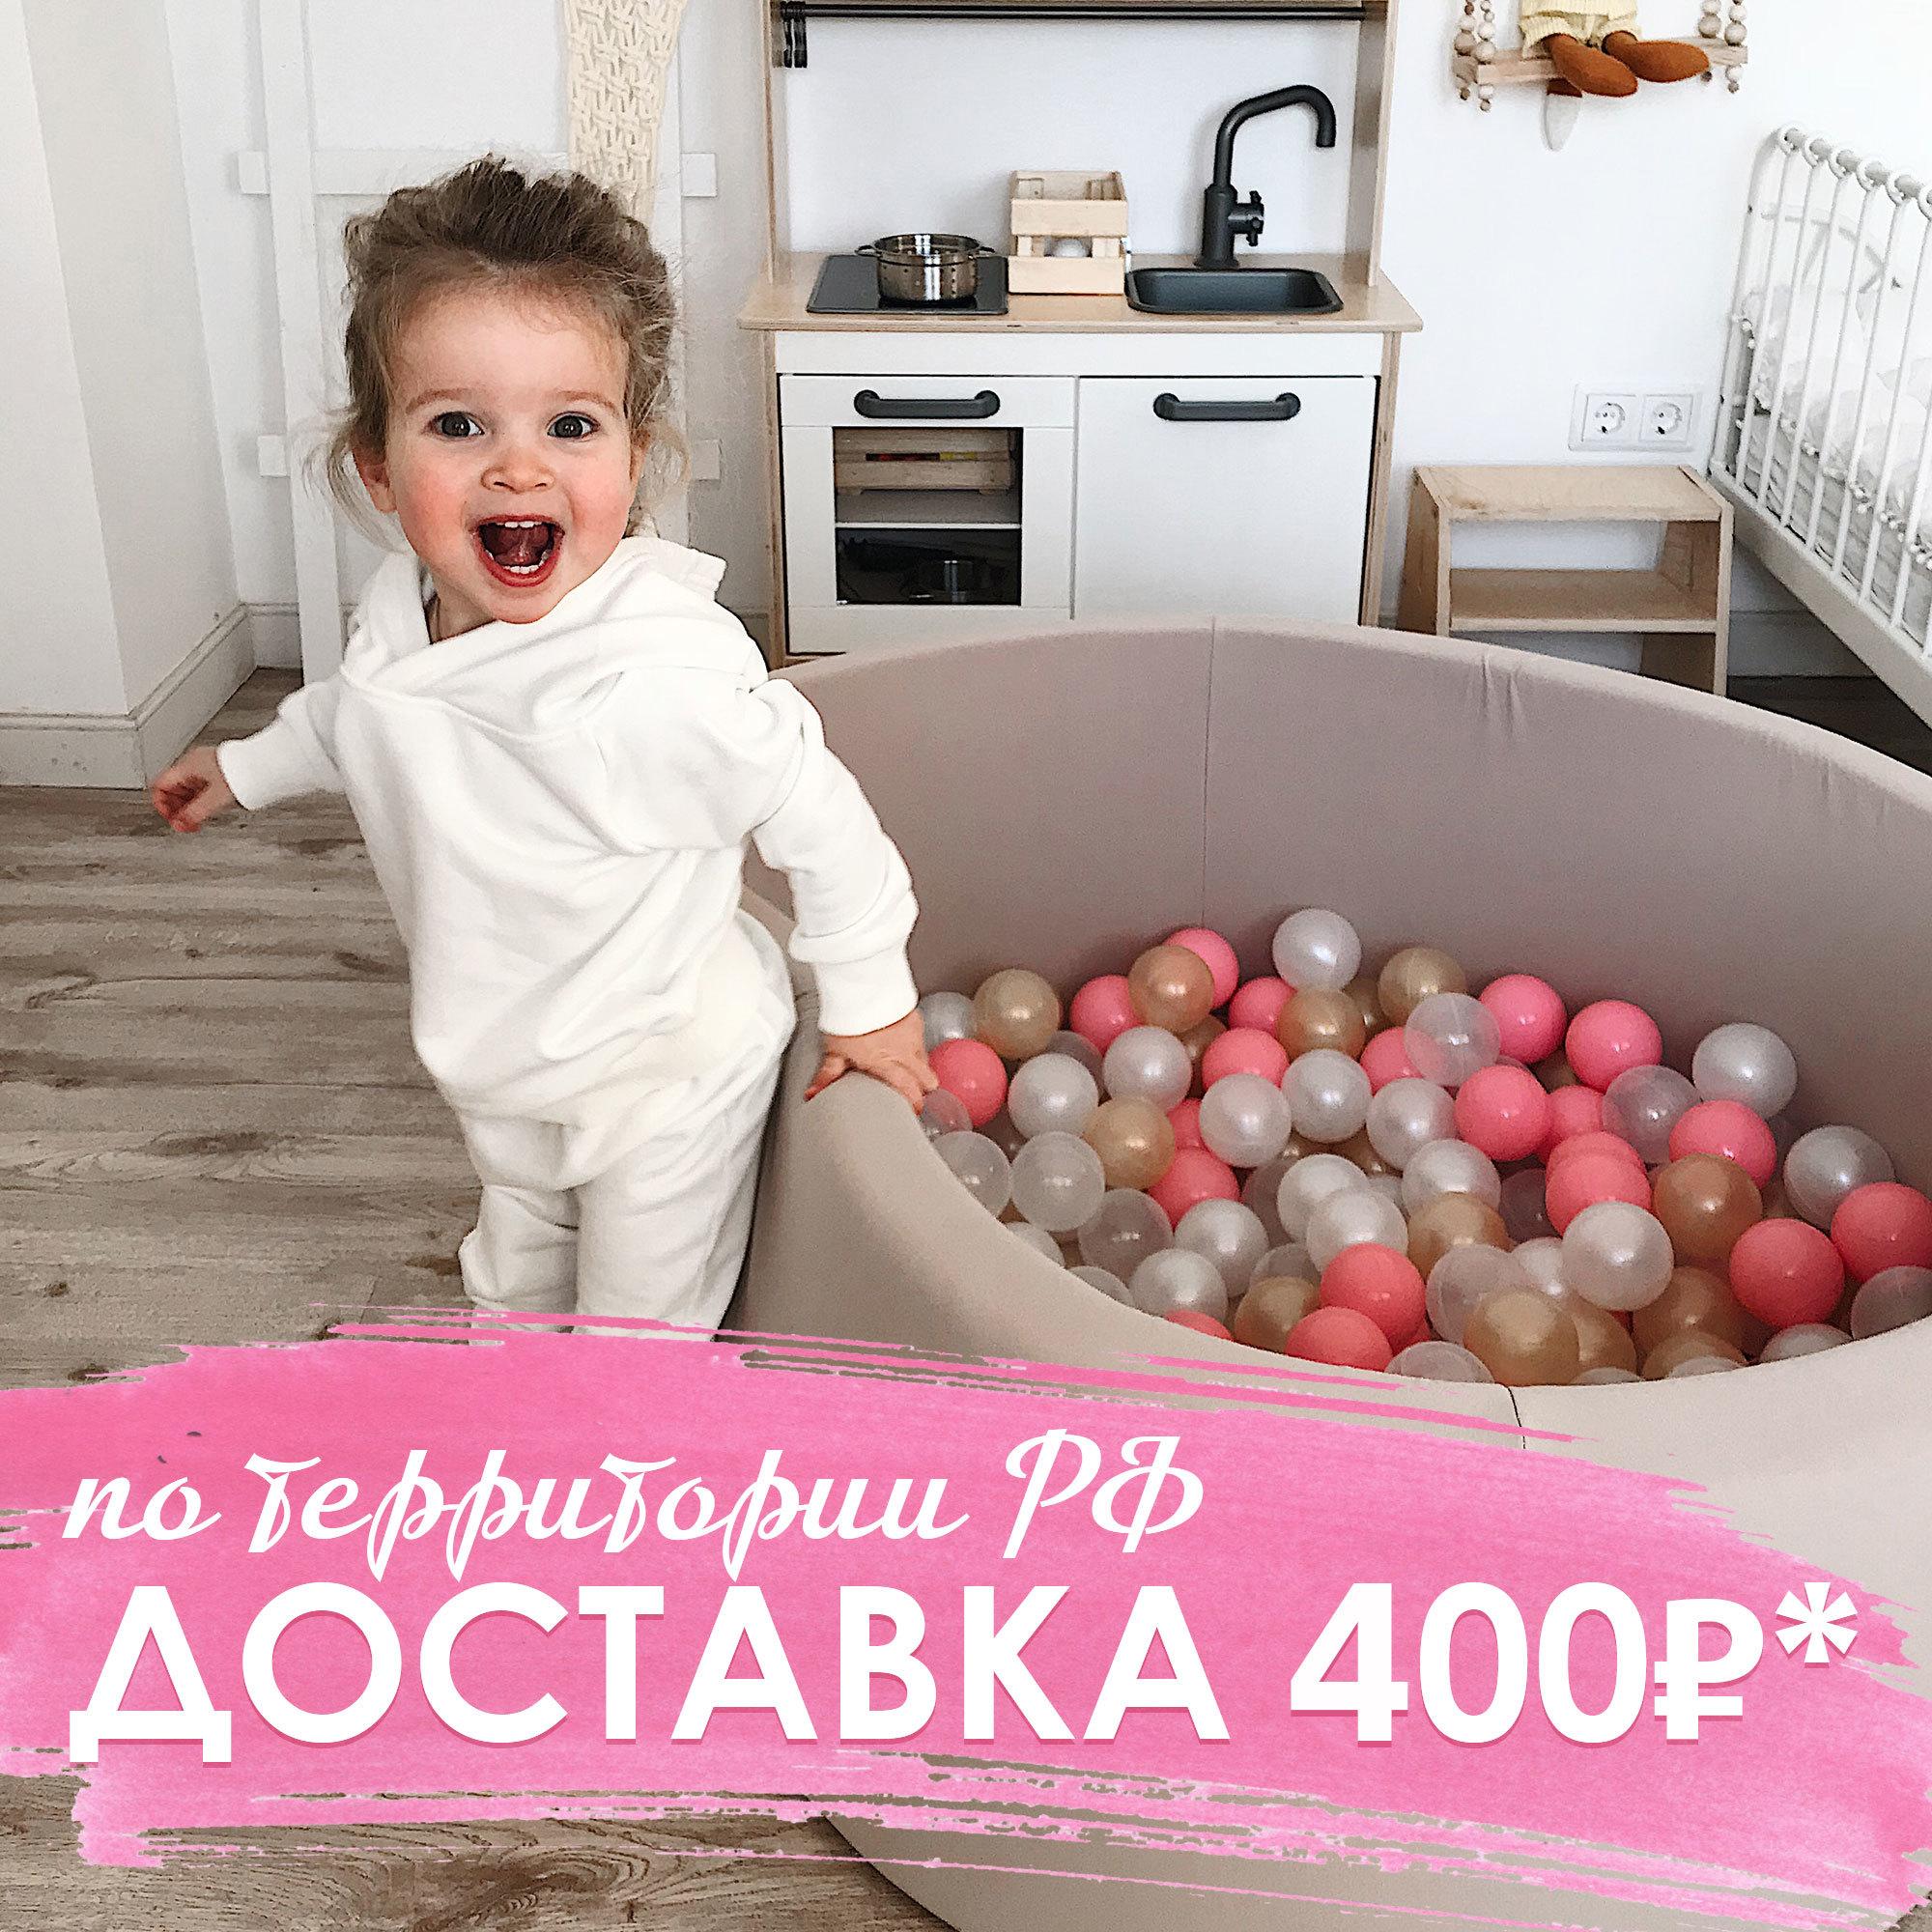 Доставка по России всего 400 руб.*